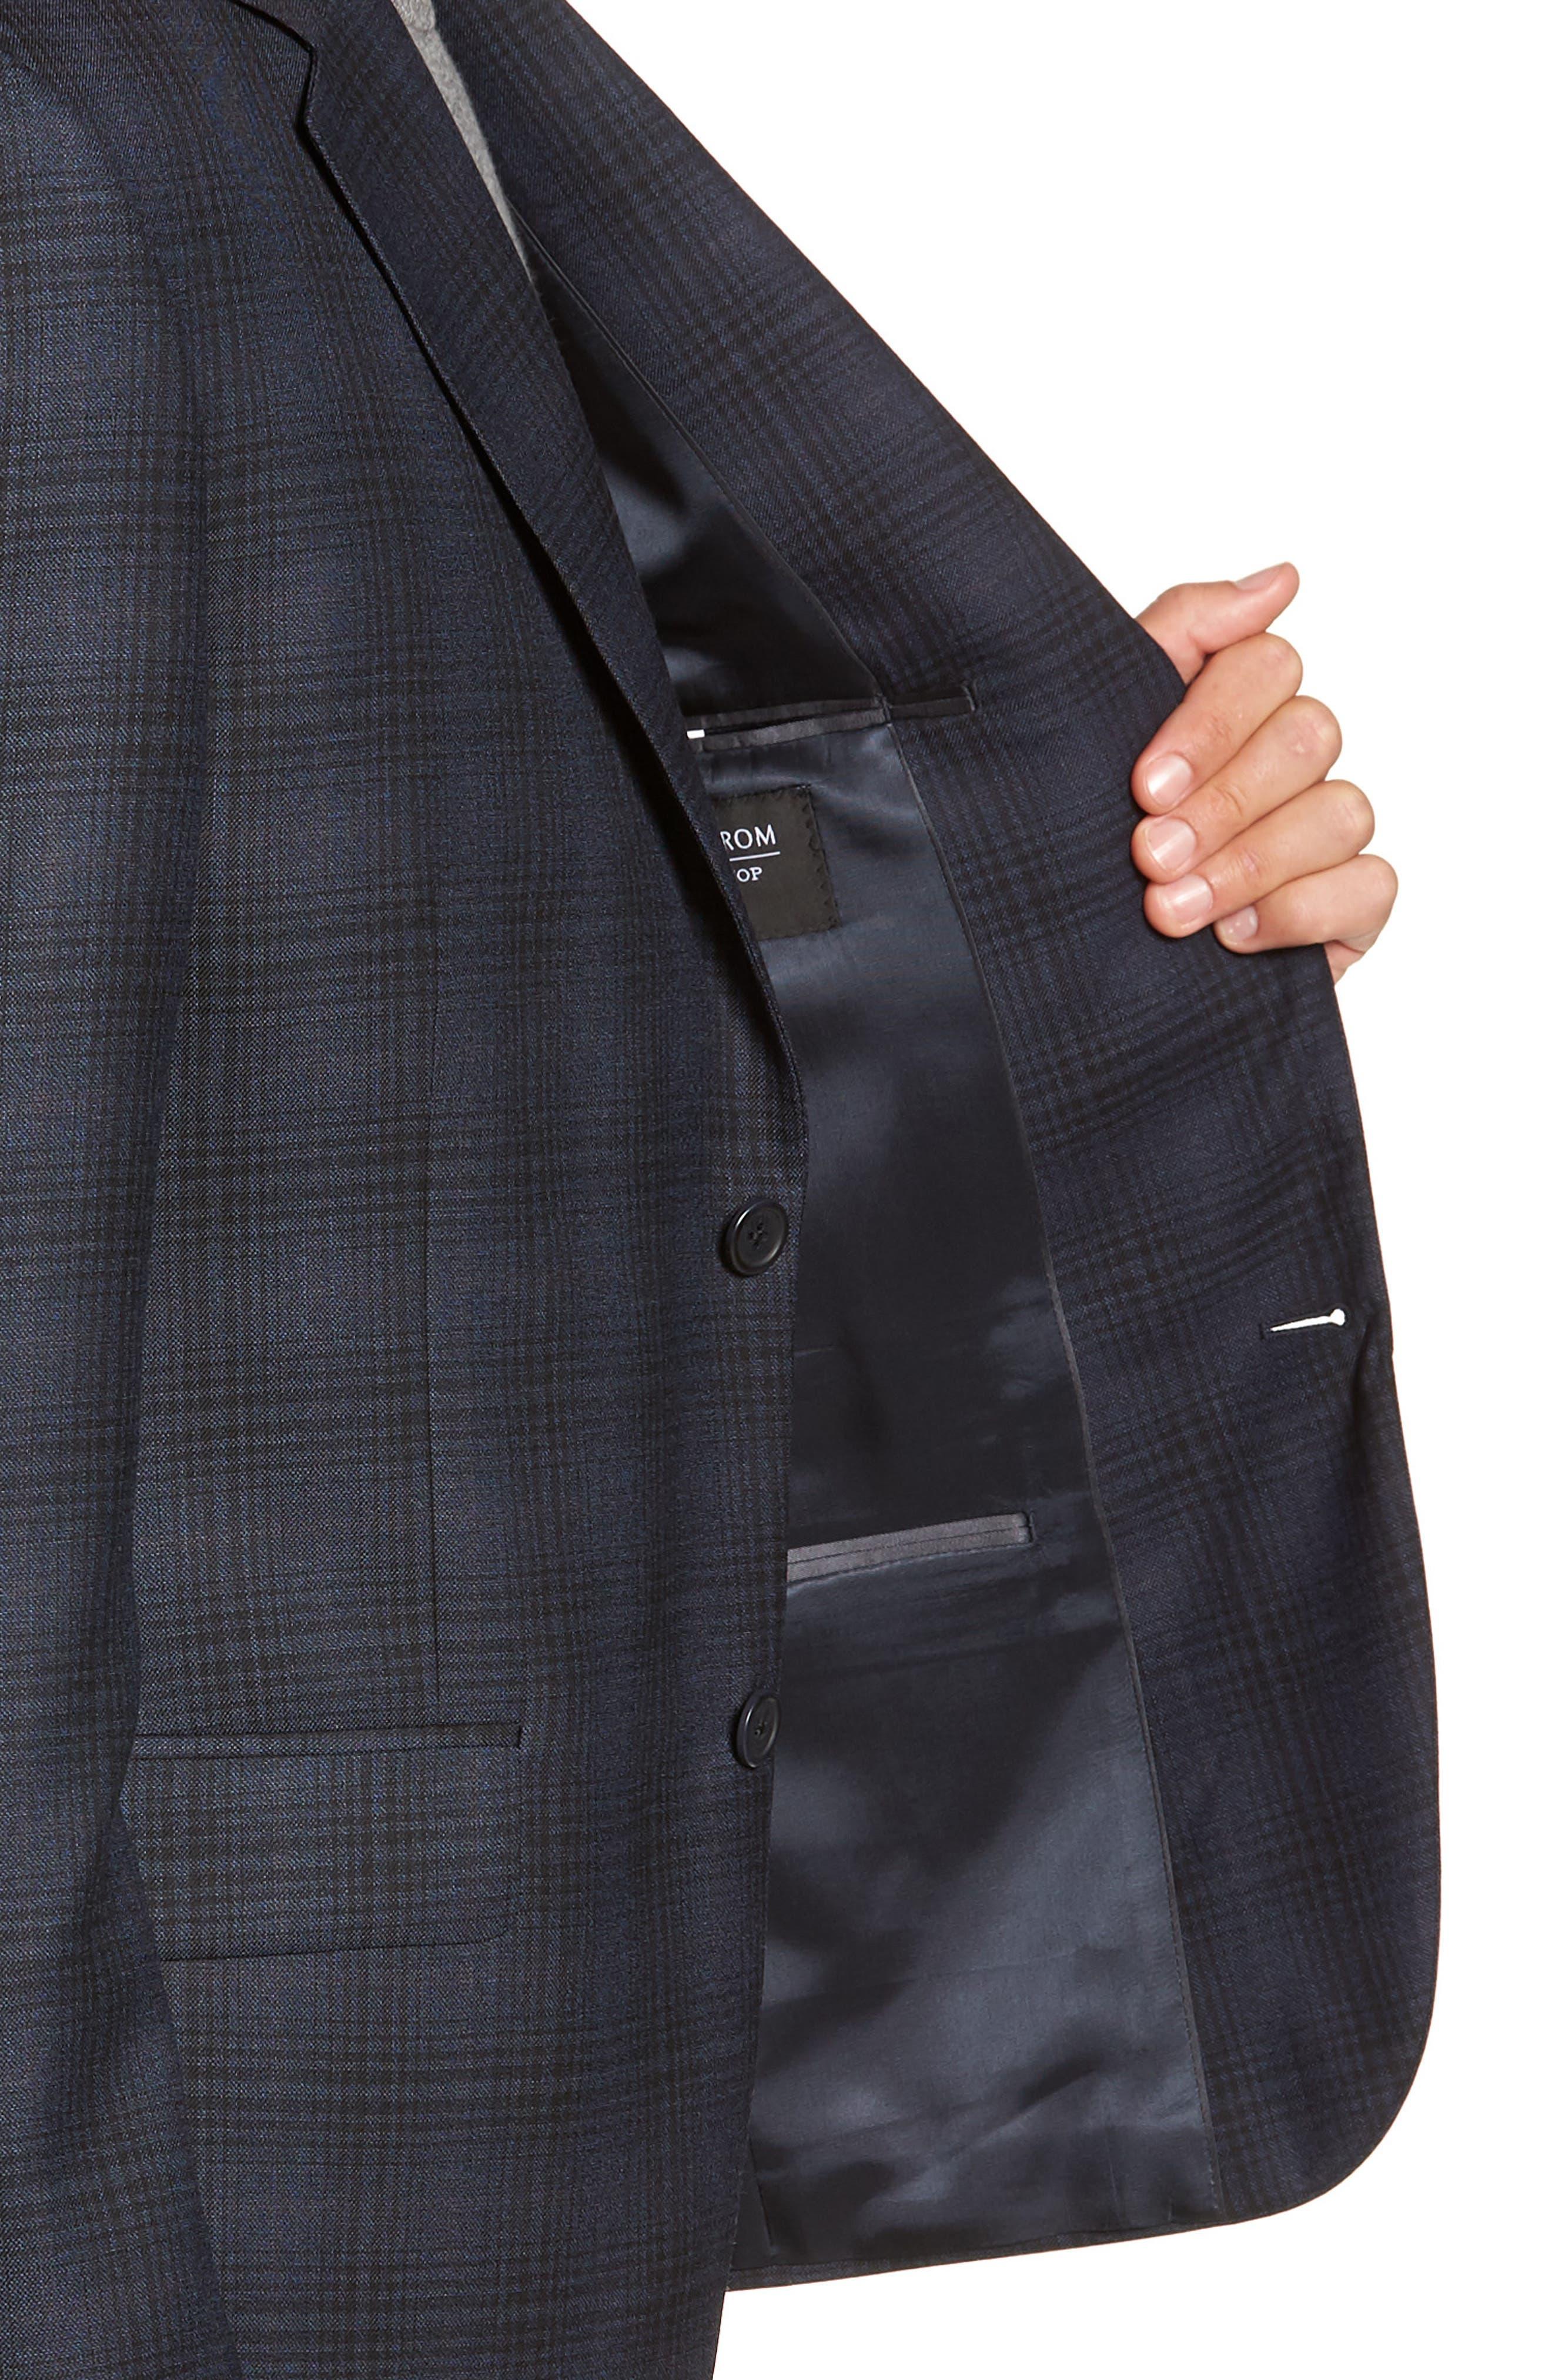 Trim Fit Shadow Plaid Sport Coat,                             Alternate thumbnail 3, color,                             NAVY